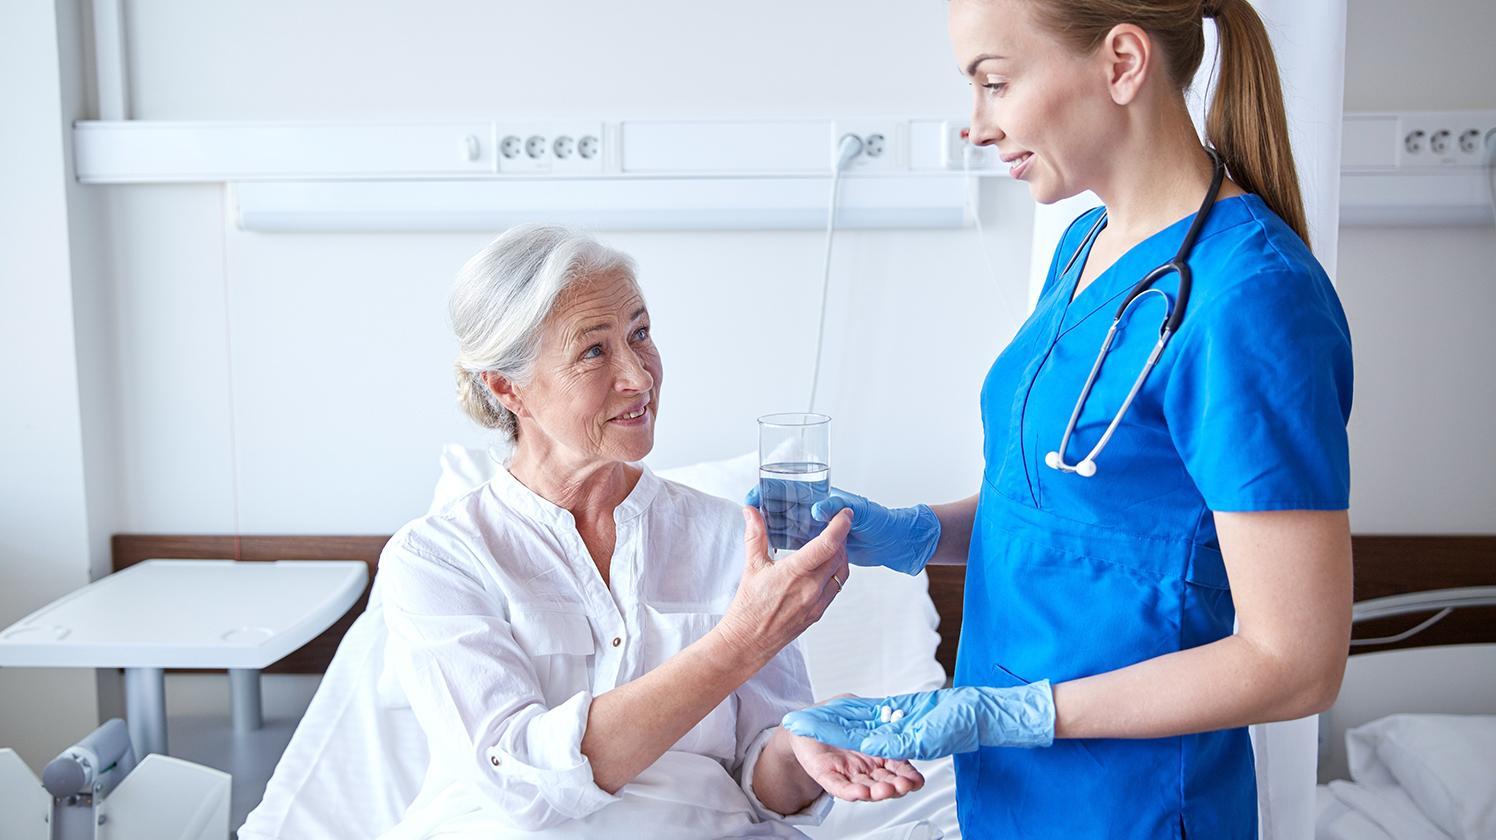 Wasserspender Krankenhaus Gesundheit ältere Dame